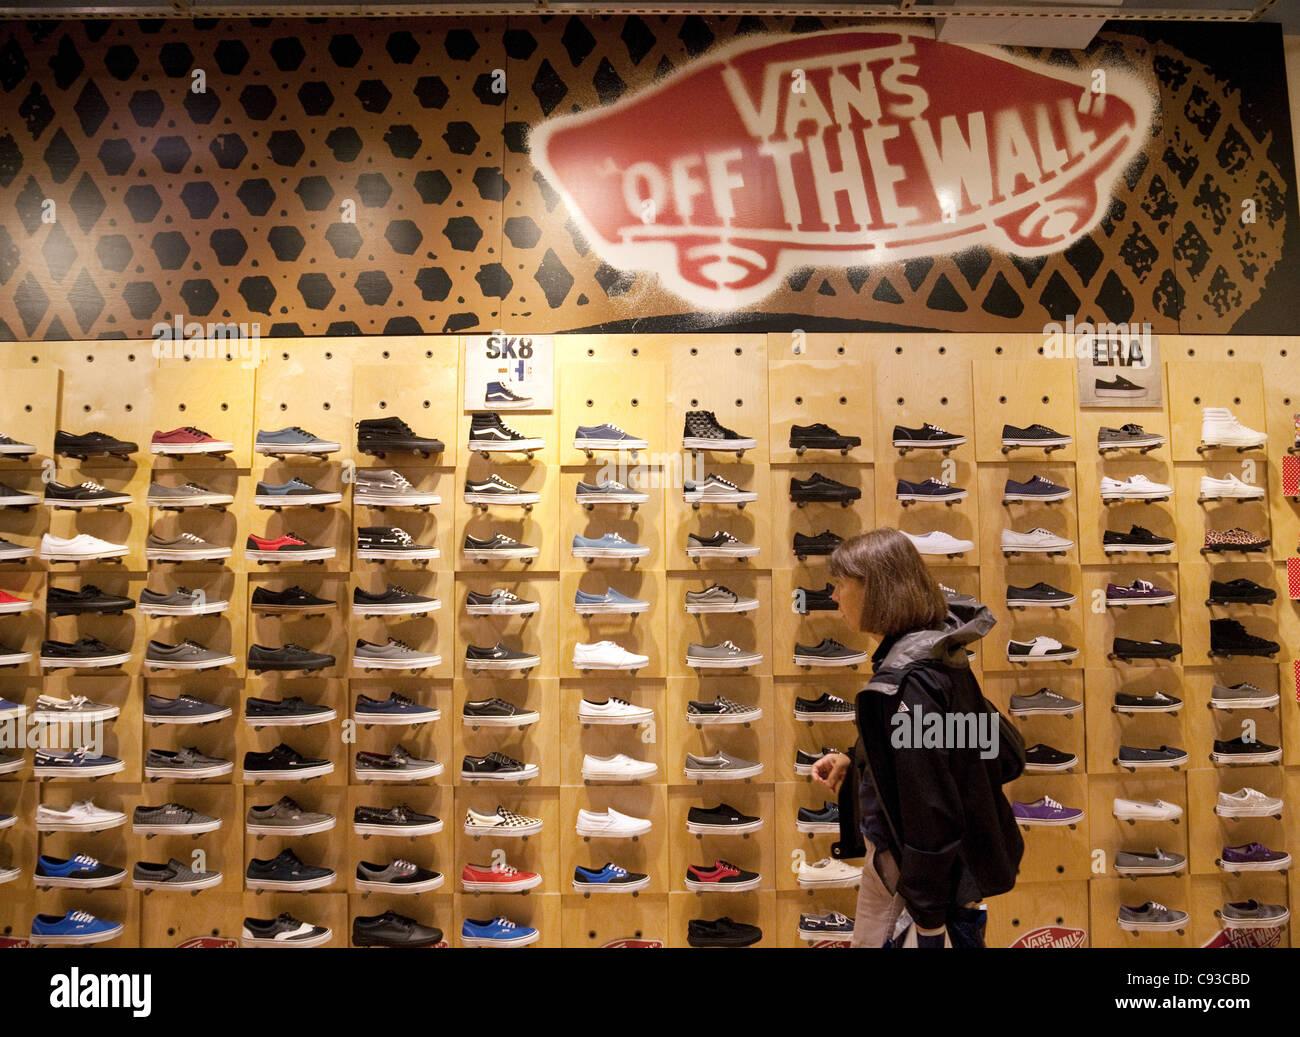 vans shoe store